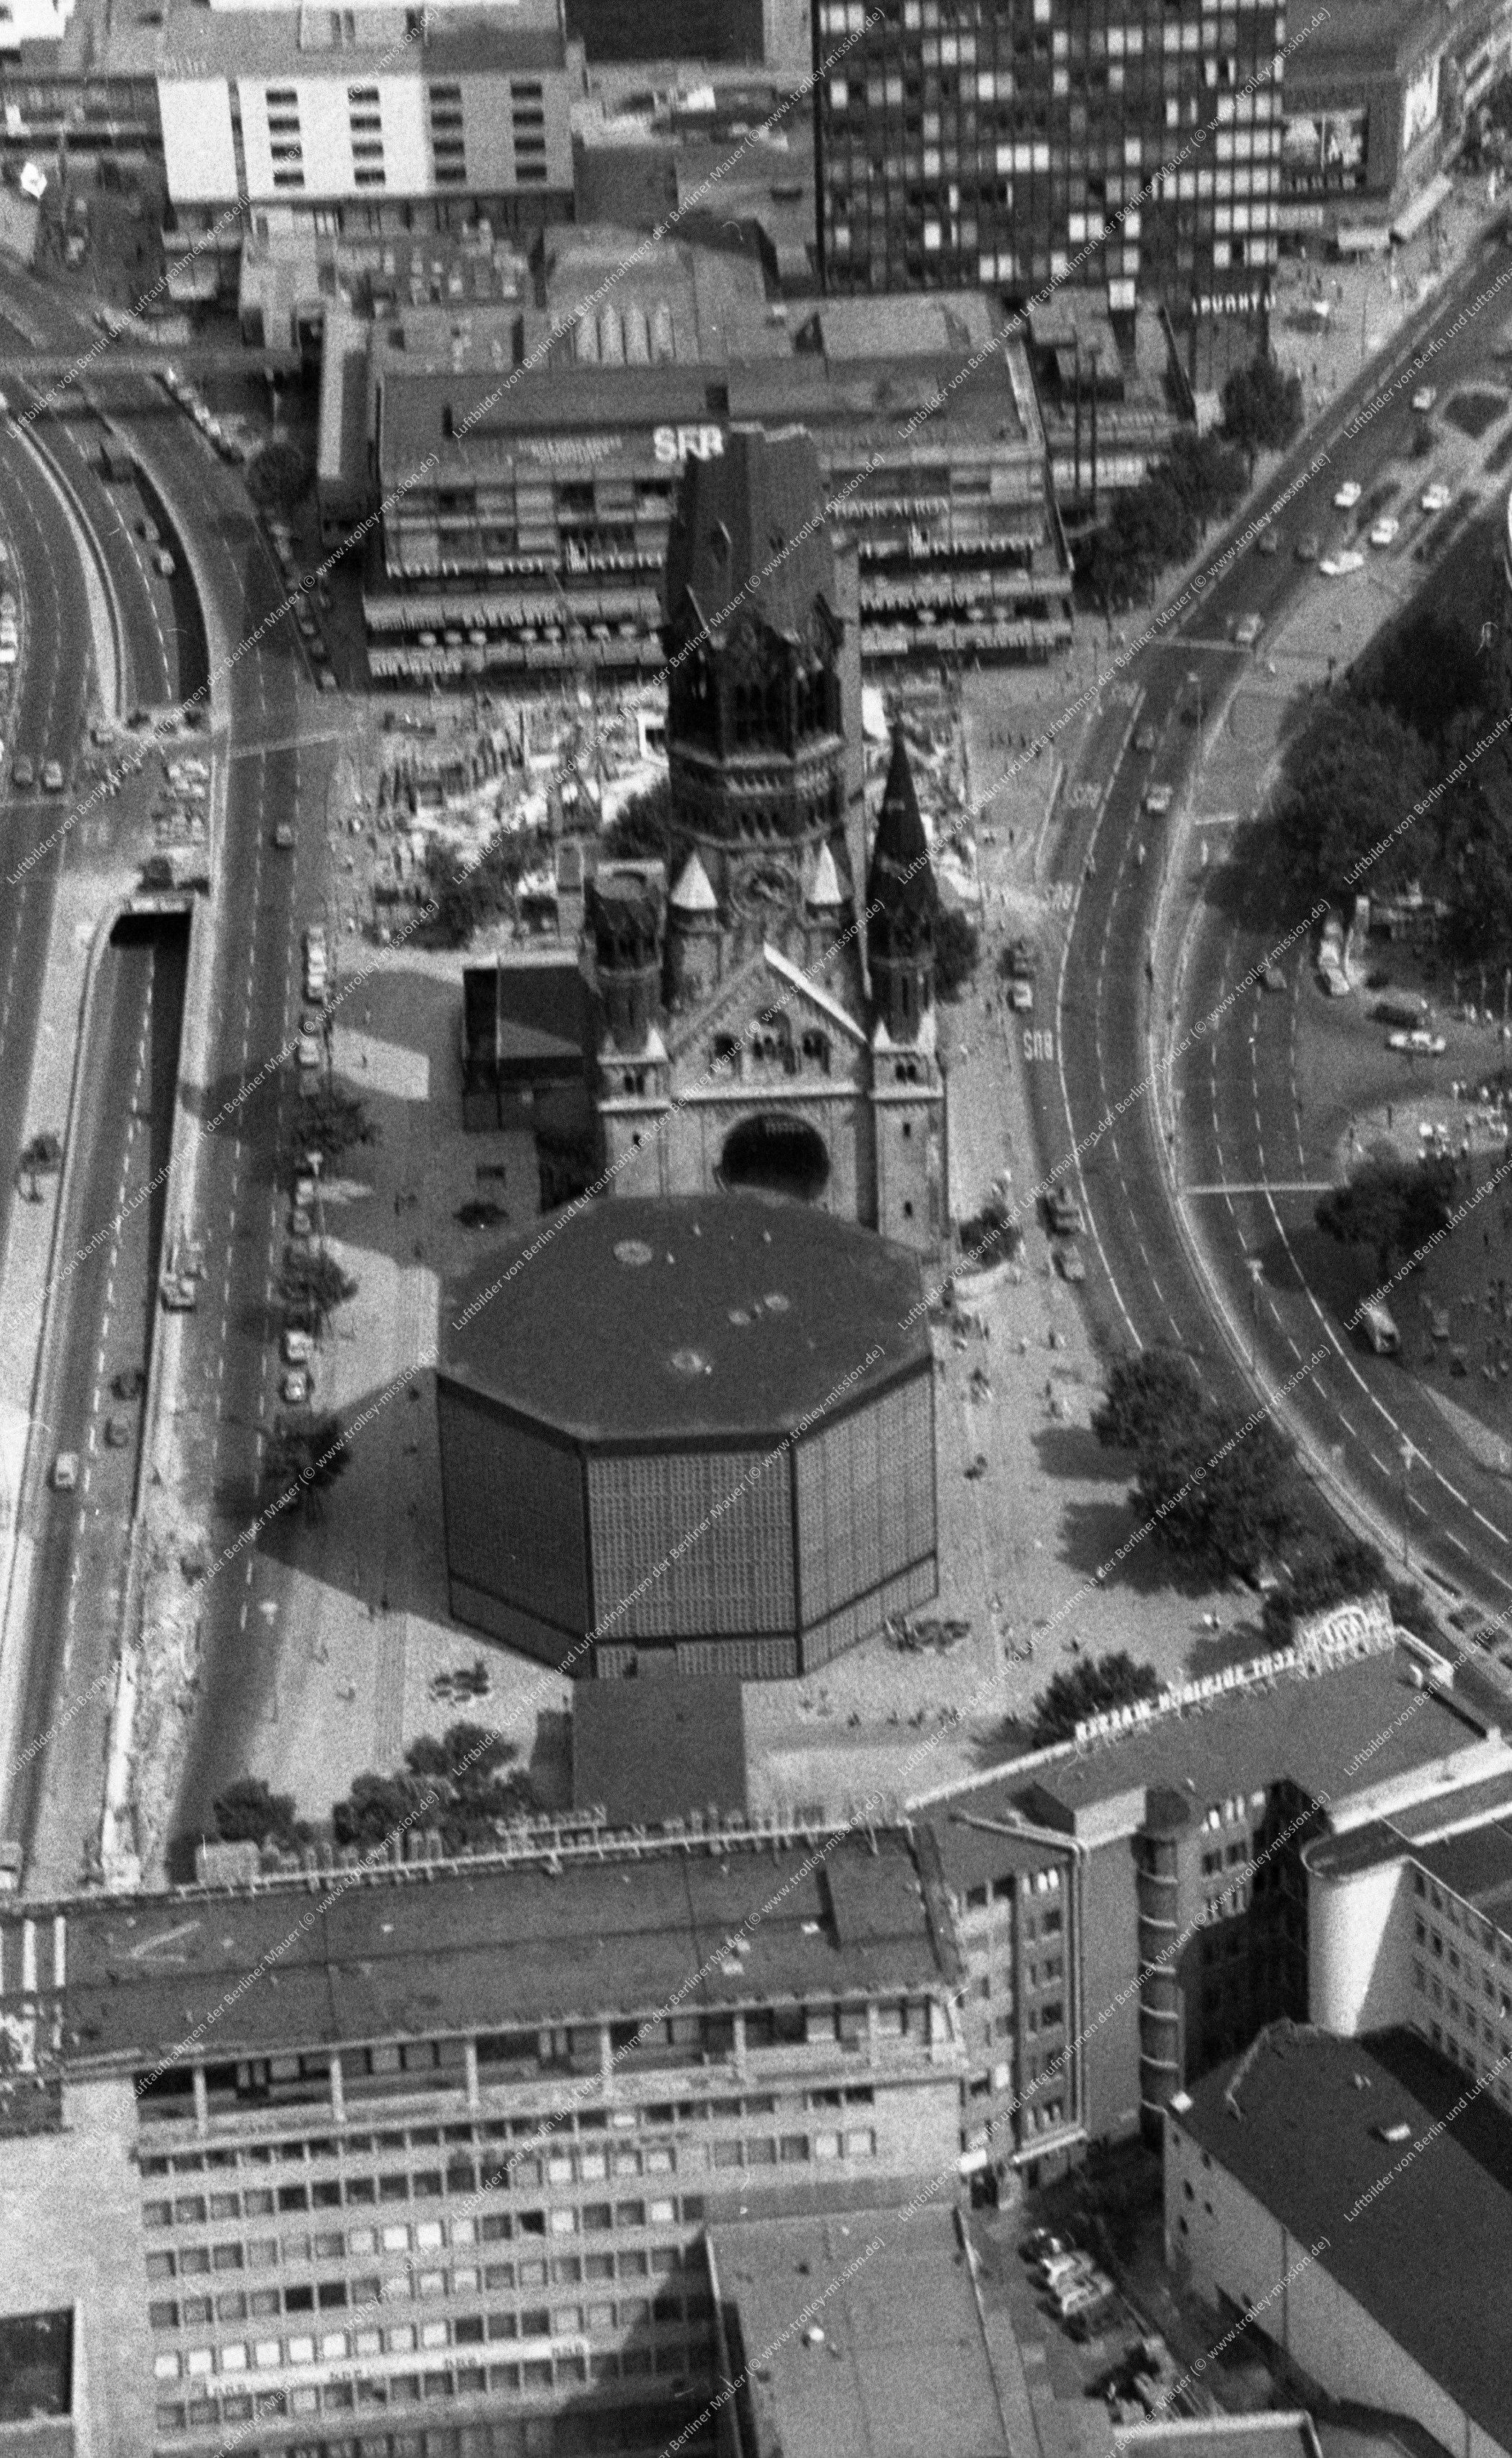 Berlin Luftaufnahme Kaiser-Wilhelm-Gedächtniskirche vom 9. März 1982 (Bild 083)